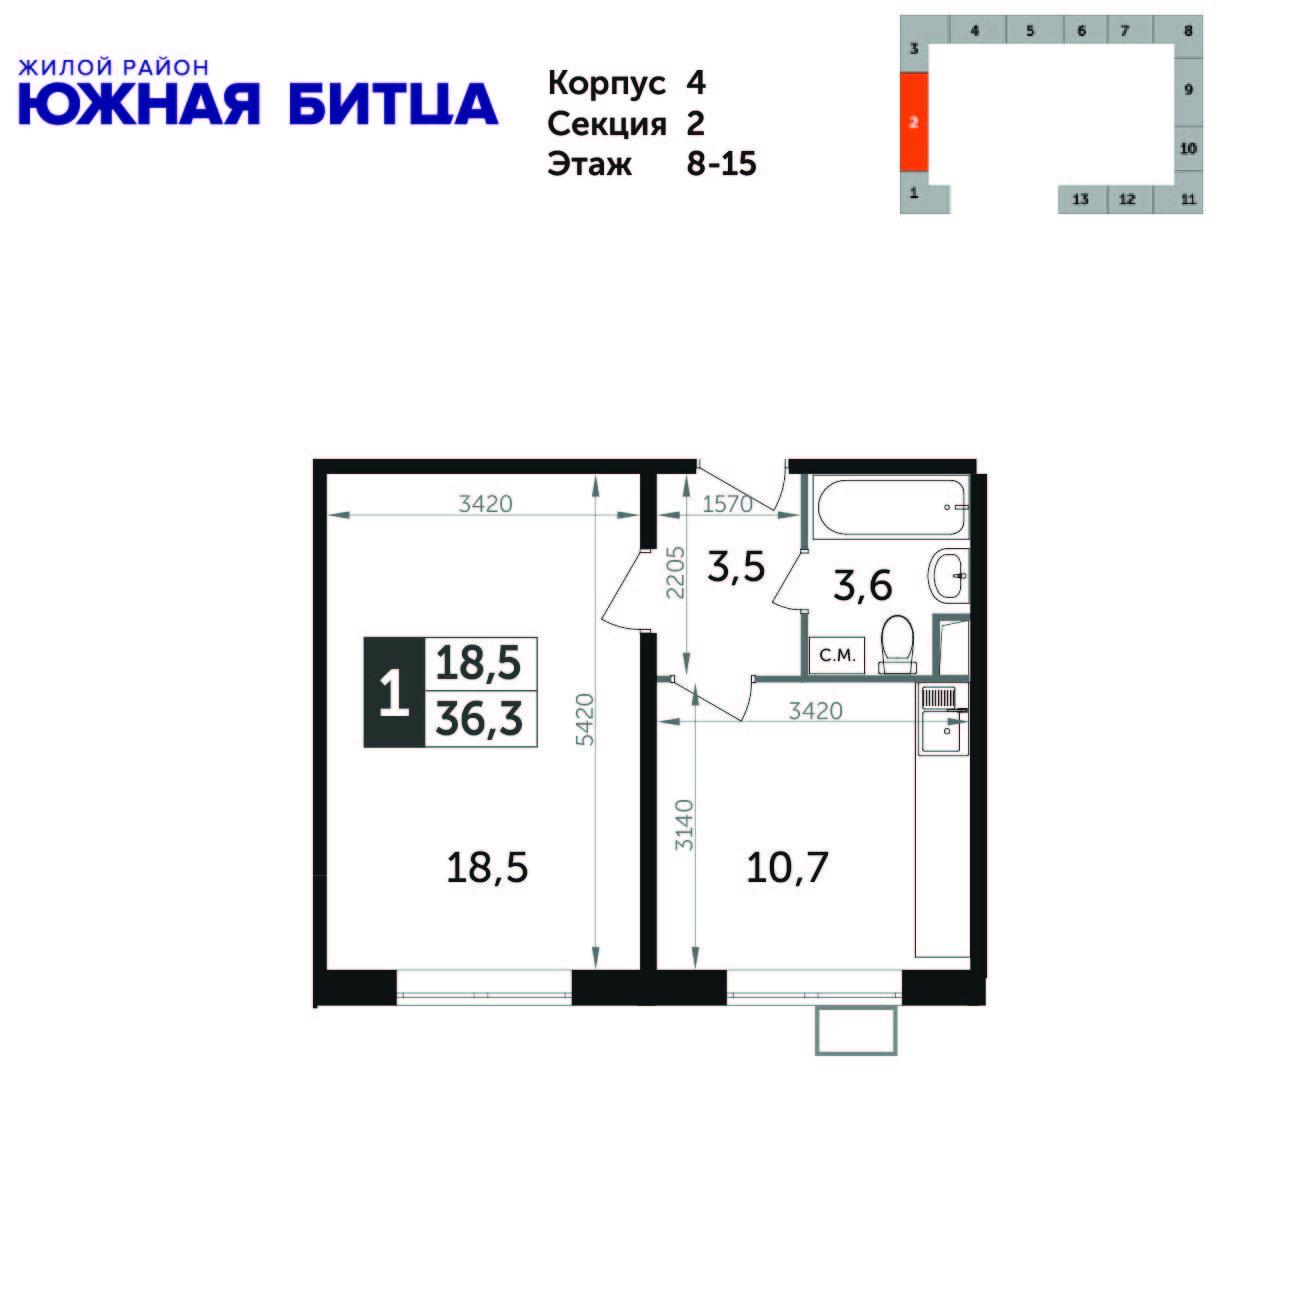 1-комнатная квартира, 36.3м² за 5,5 млн руб.